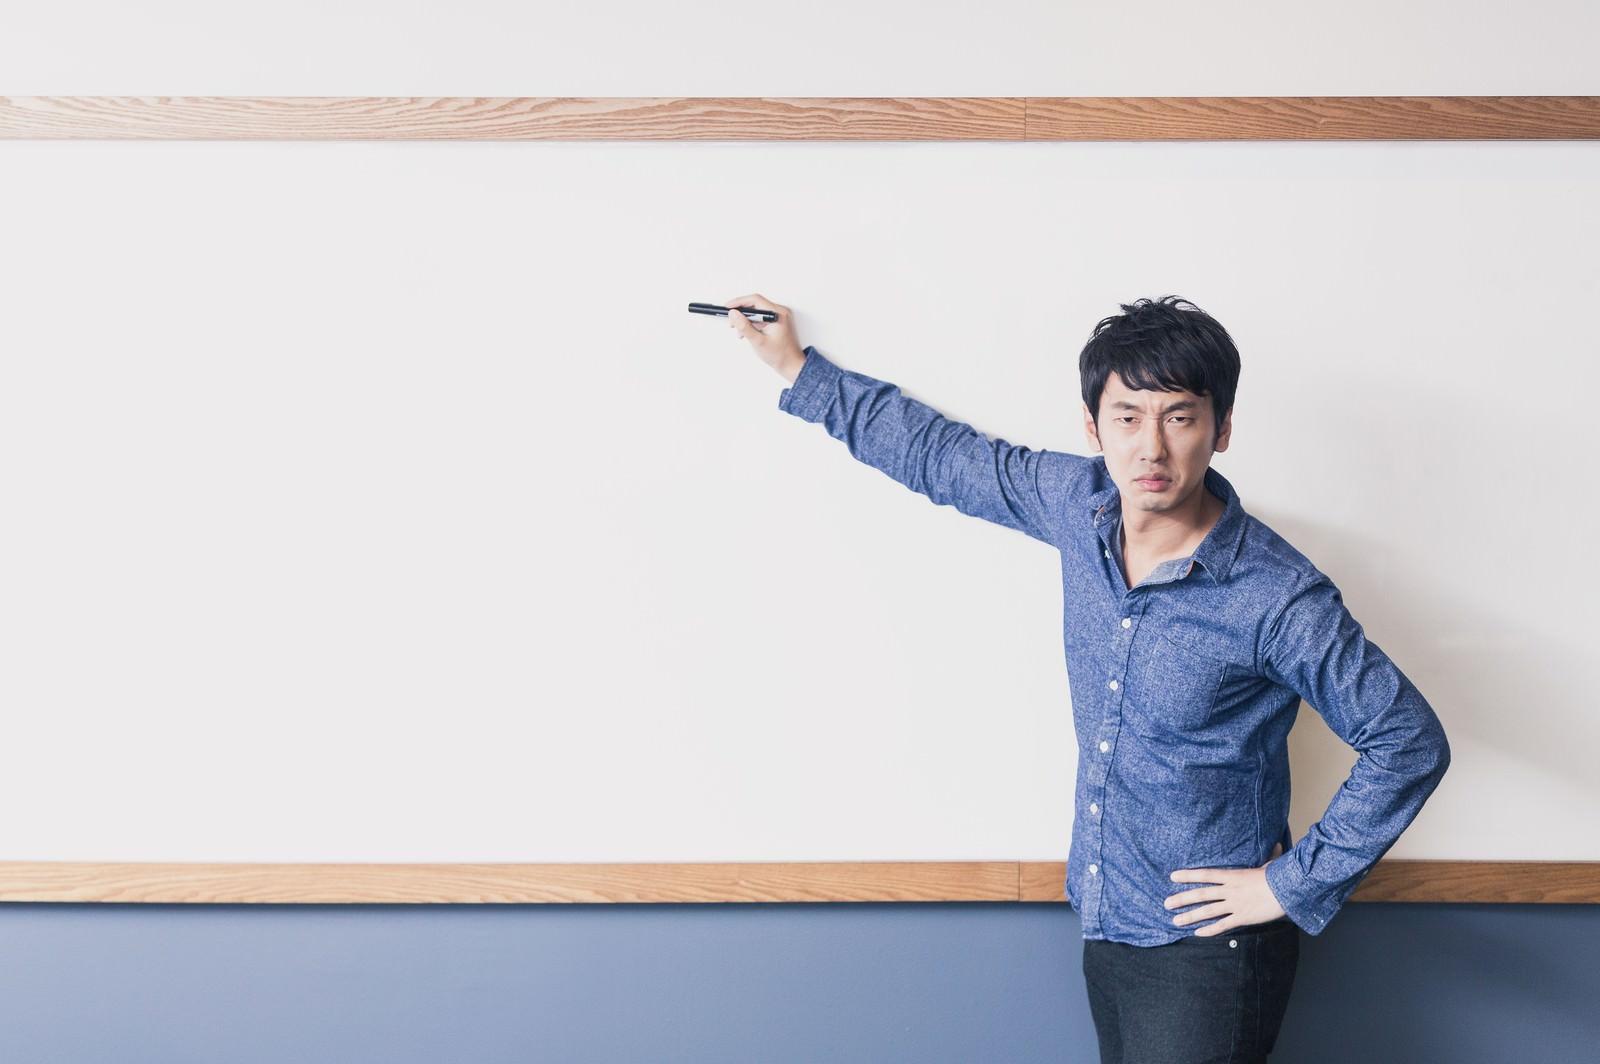 「「ここ試験にでるよ!」と熱弁する塾講師」の写真[モデル:大川竜弥]